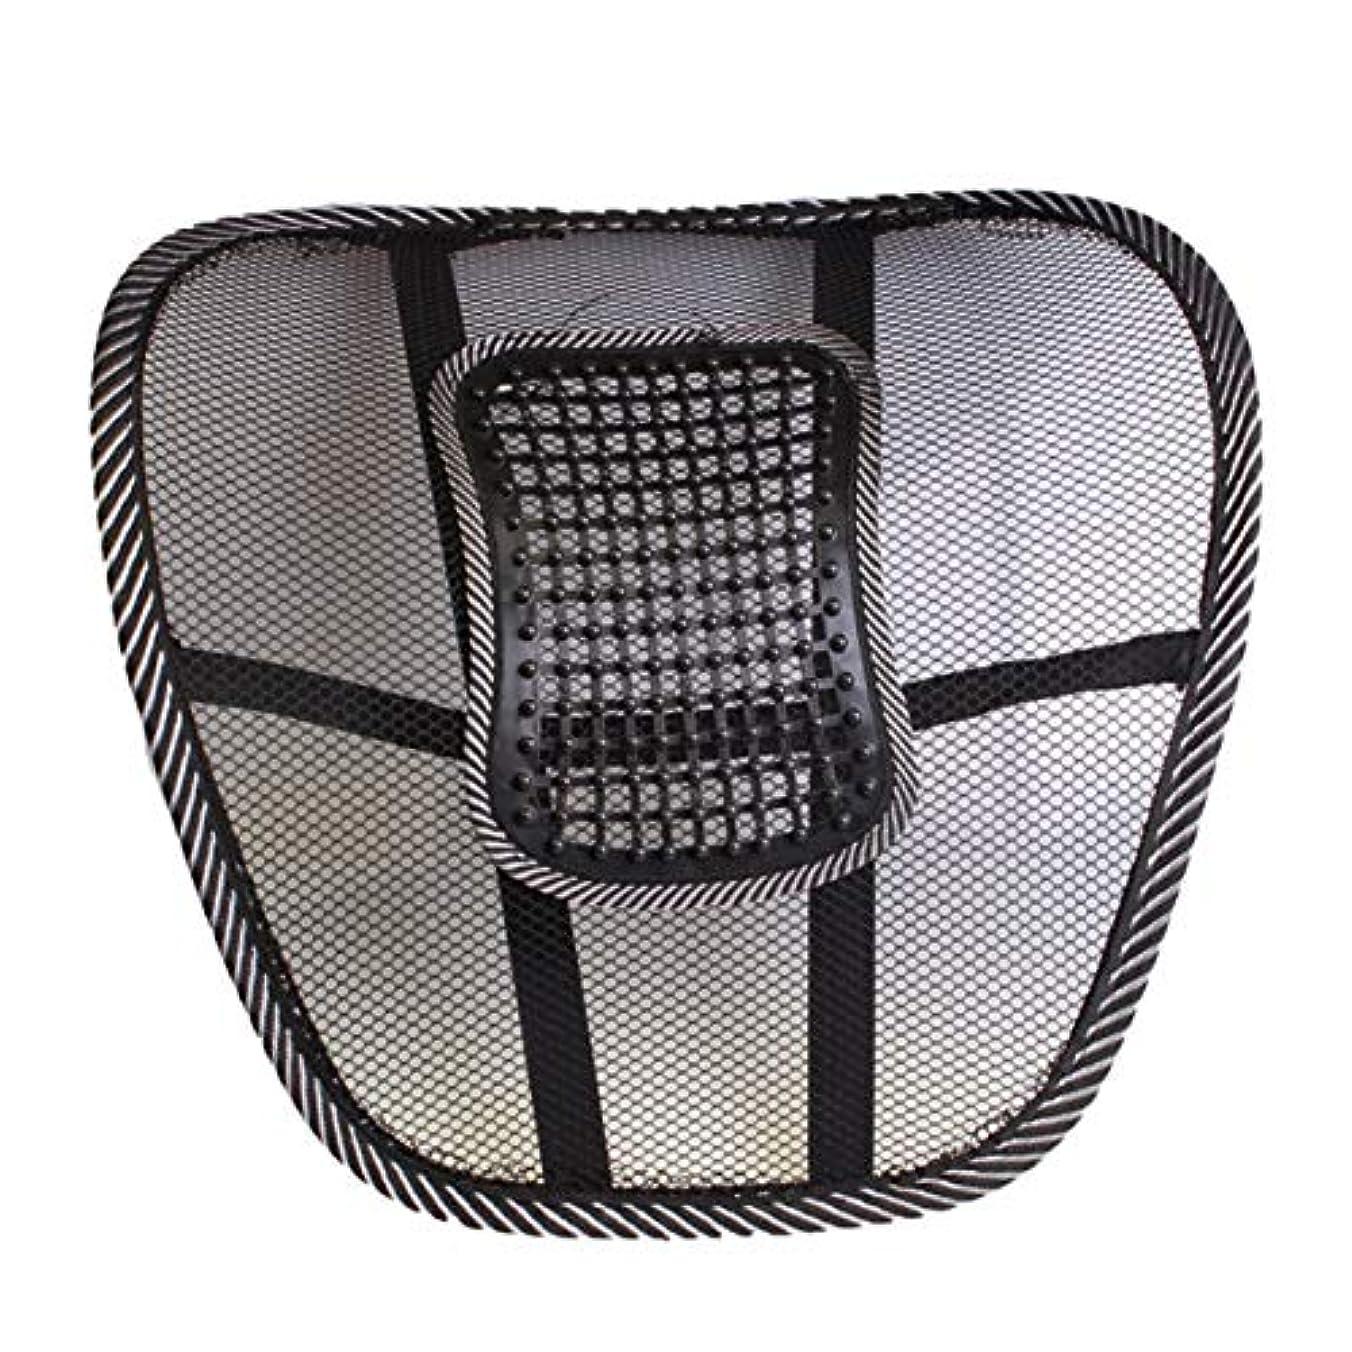 してはいけません敵対的圧倒するメッシュカバー付き腰椎サポートクッション腰痛緩和のためのバランスのとれた硬さ - 理想的なバックピロー